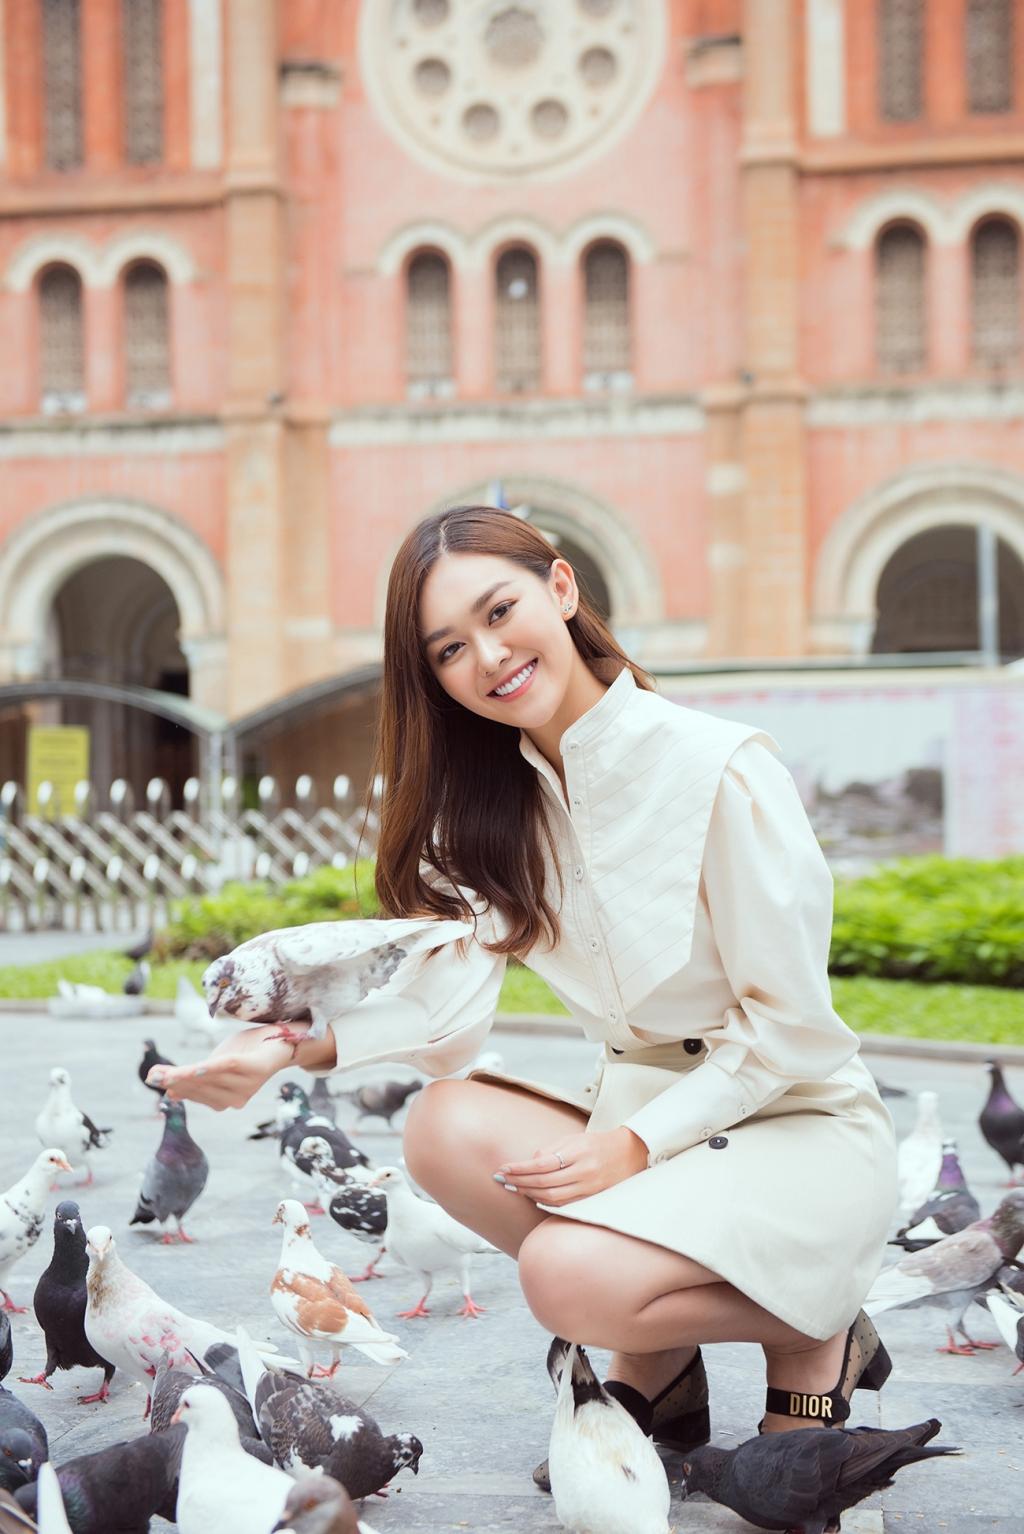 nhin lieu yeu dao to la vay nhung tuong san lai co so thich dam boc